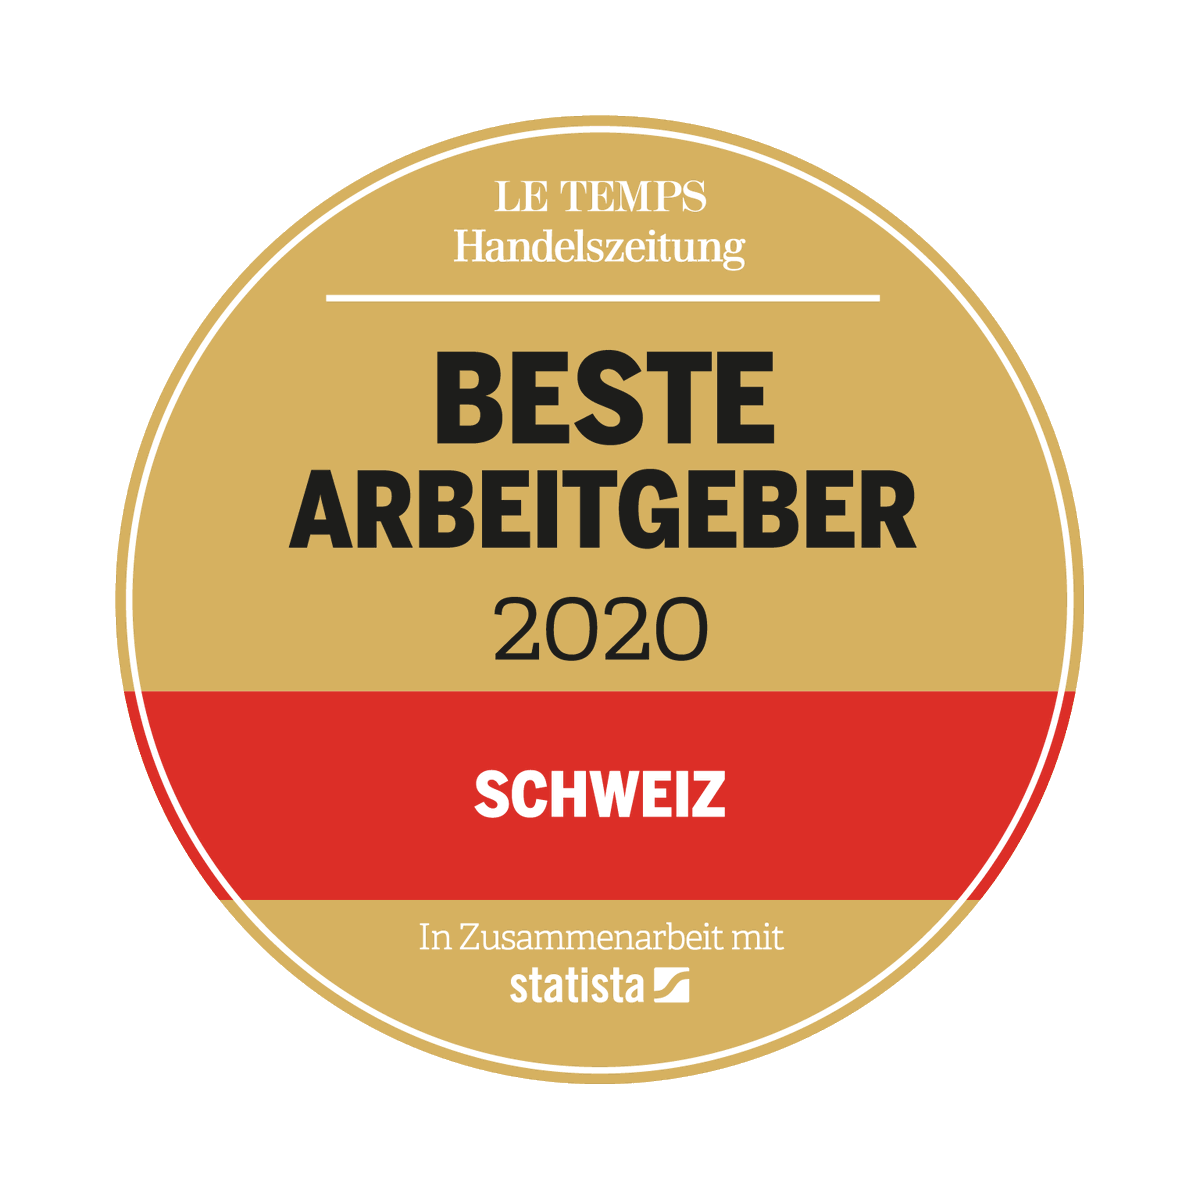 #bbv ist top! Wir haben erneut ein Spitzenergebnis im #Ranking der #Top #Arbeitgeber der #Schweiz 2020 der @Handelszeitung und @letemps  und den hervorragenden 8. Platz in «Internet, Telekommunikation und IT» erreicht.pic.twitter.com/IpnAXSWpPh